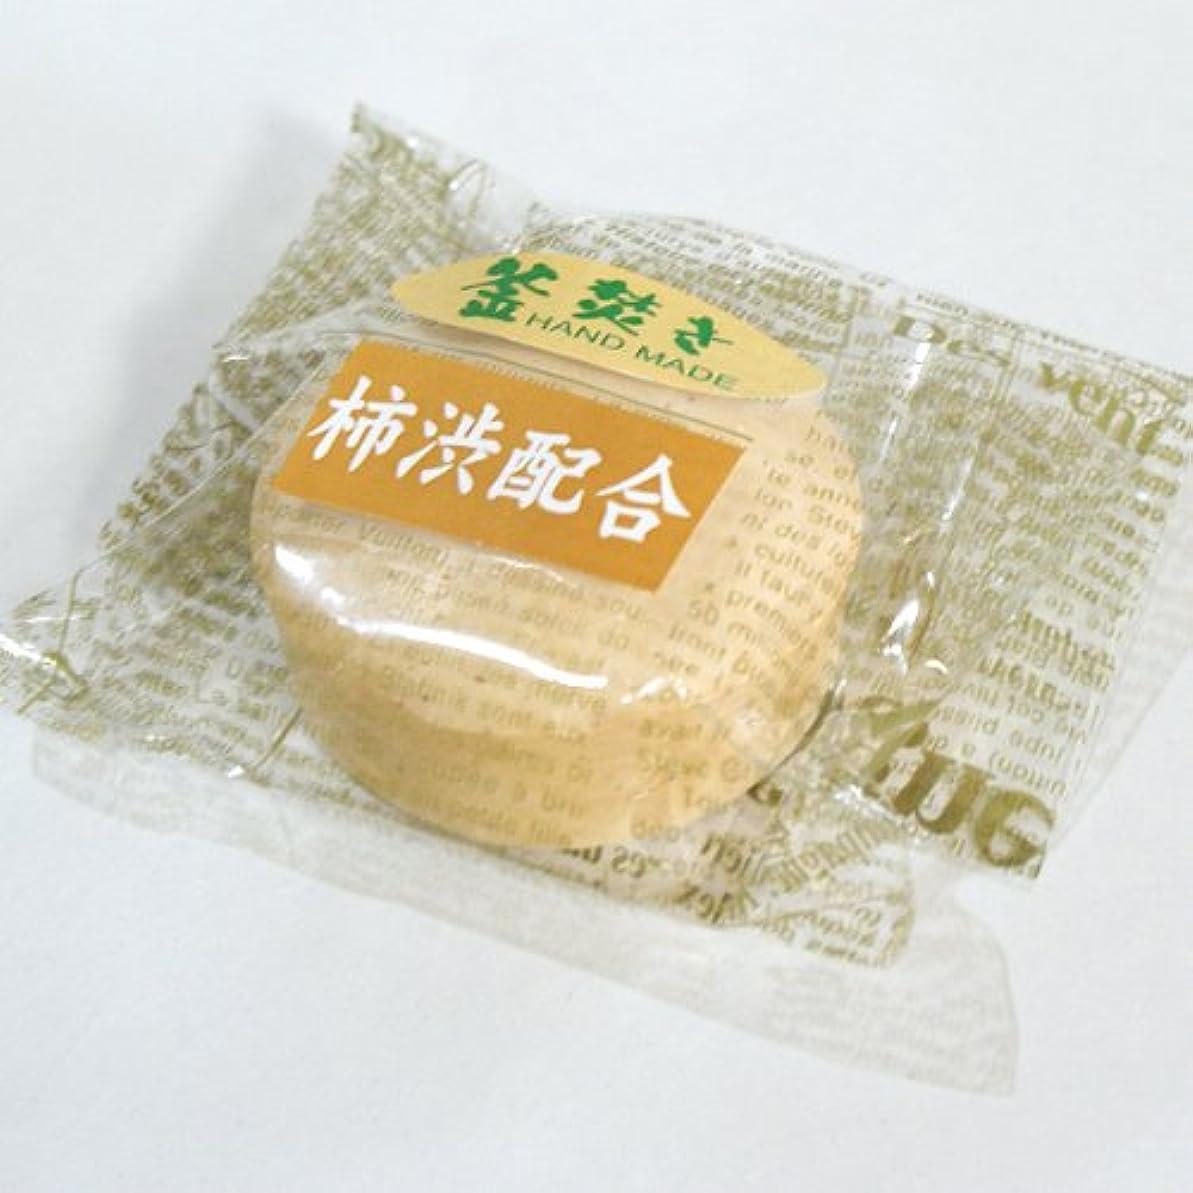 困惑機械的ワンダー八坂石鹸 手作り石けん 柿渋60g